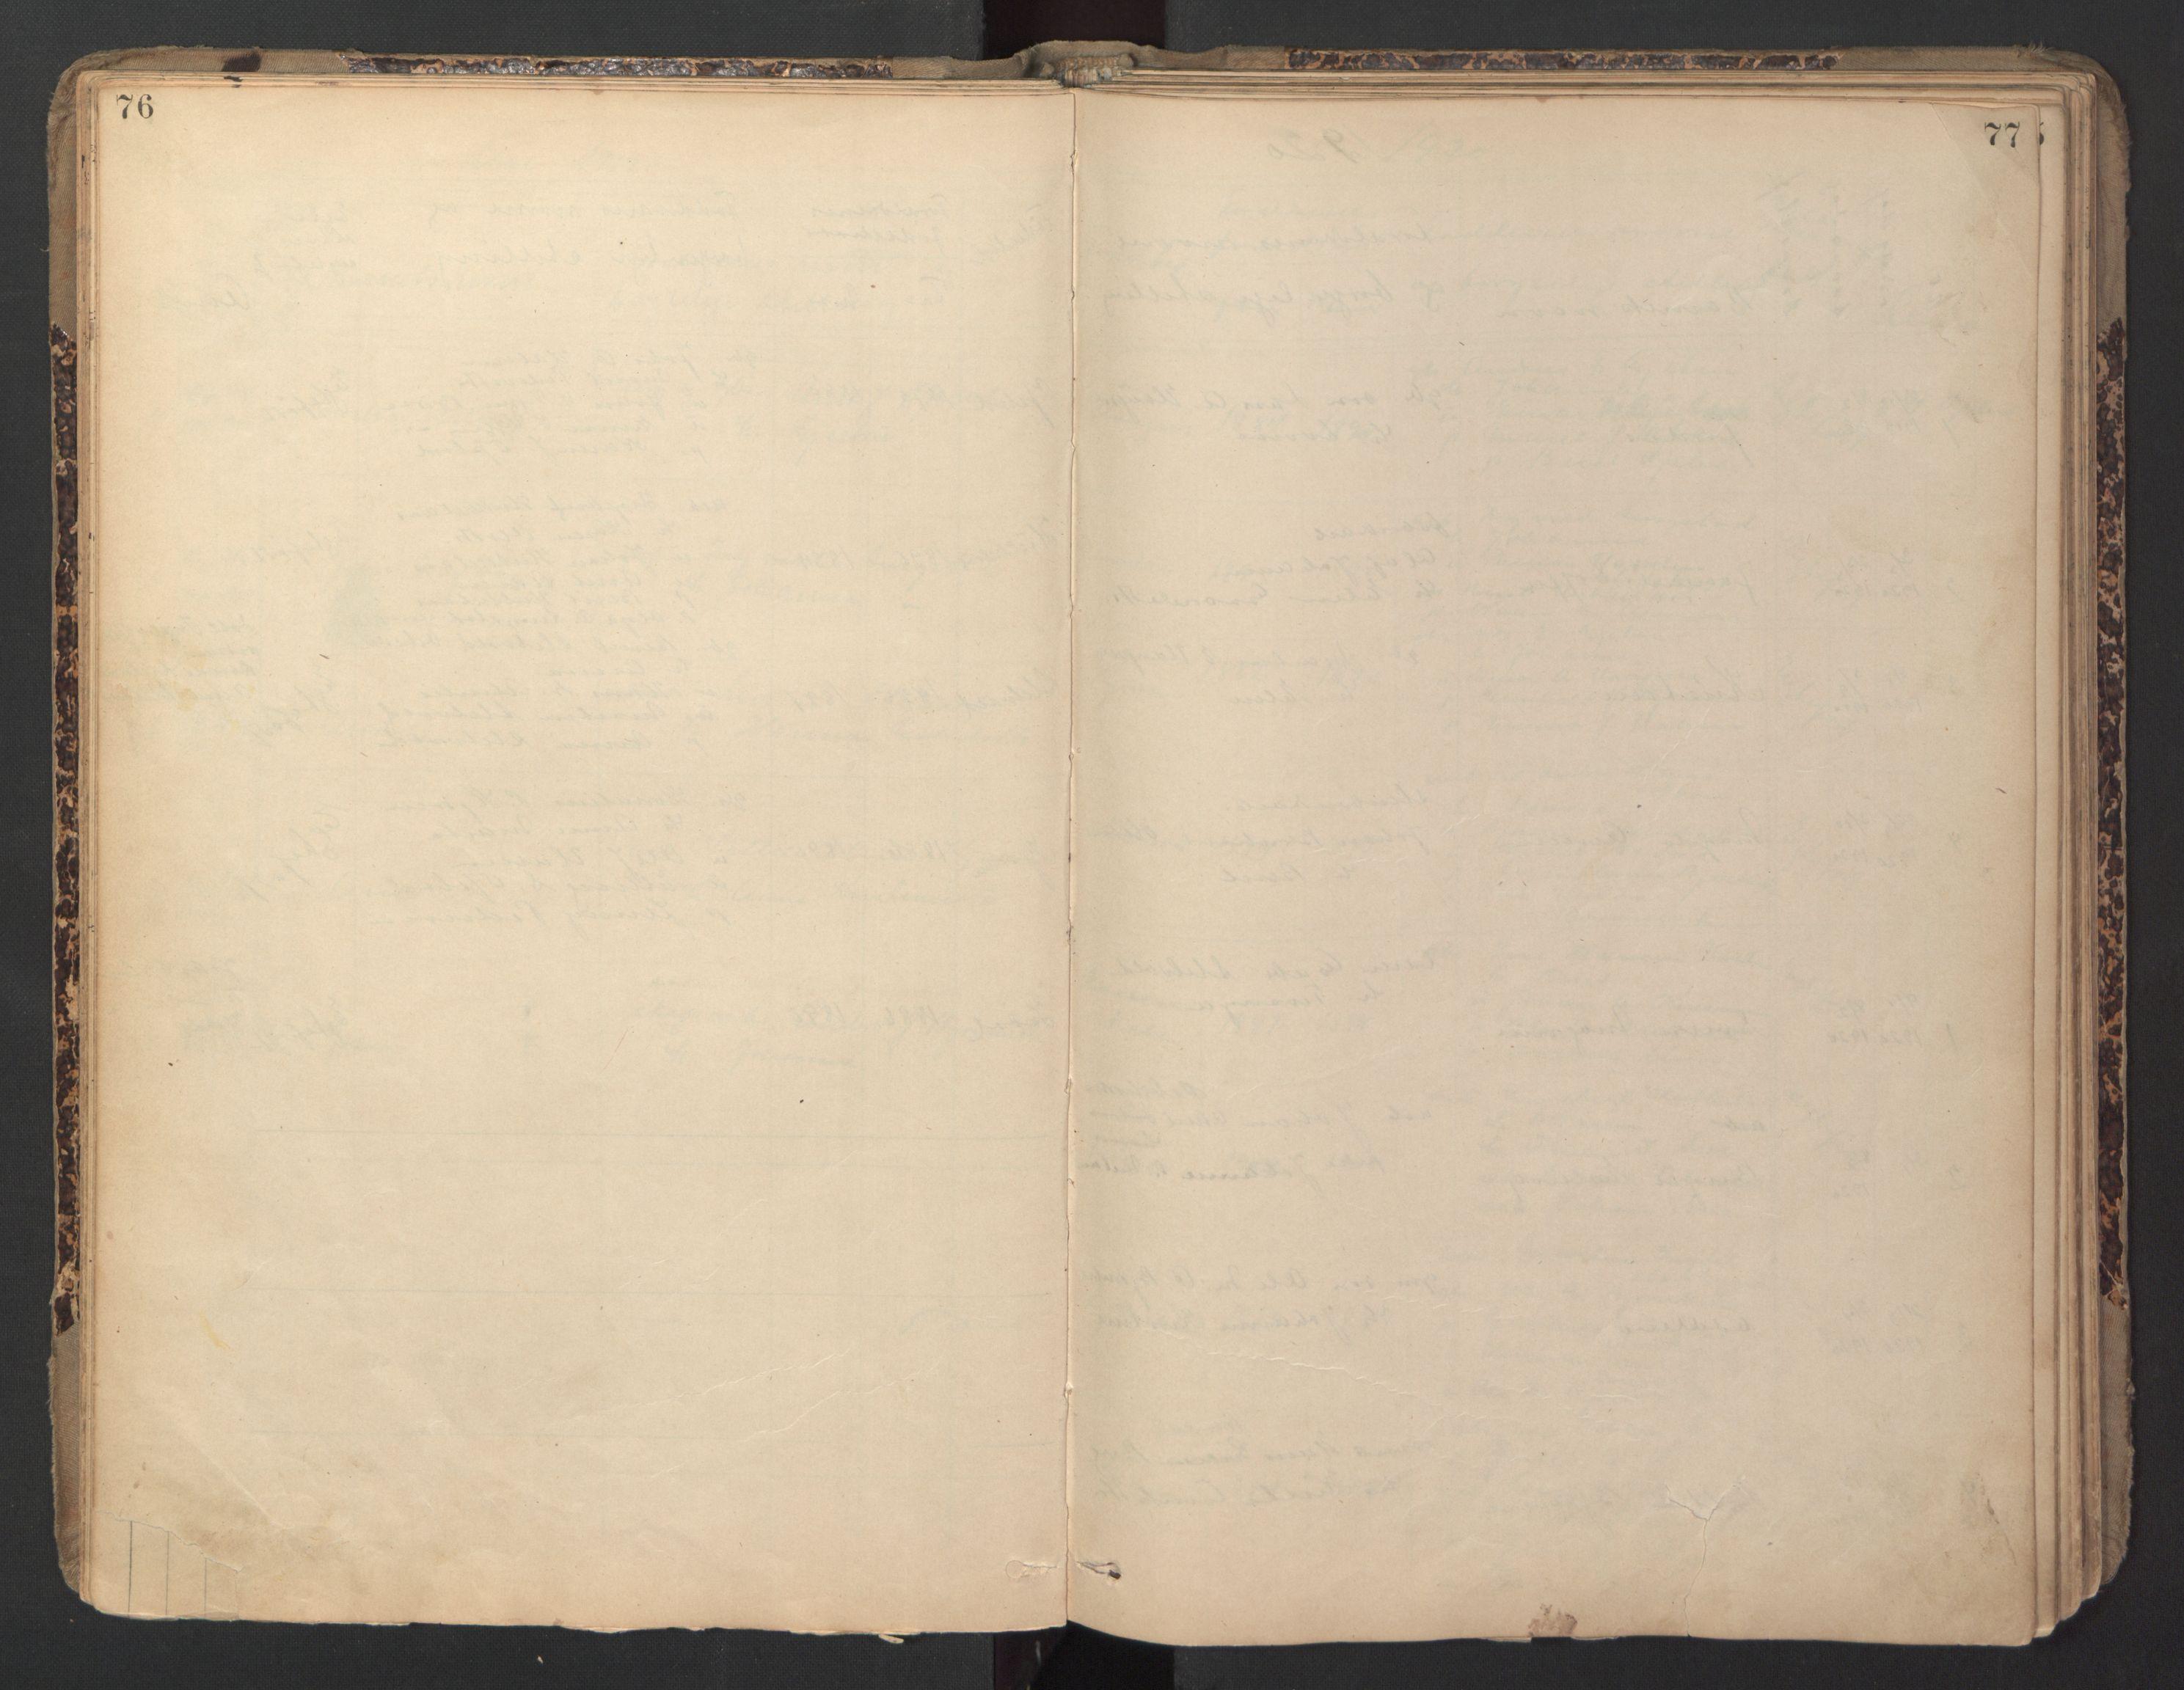 SAT, Ministerialprotokoller, klokkerbøker og fødselsregistre - Sør-Trøndelag, 670/L0837: Klokkerbok nr. 670C01, 1905-1946, s. 76-77